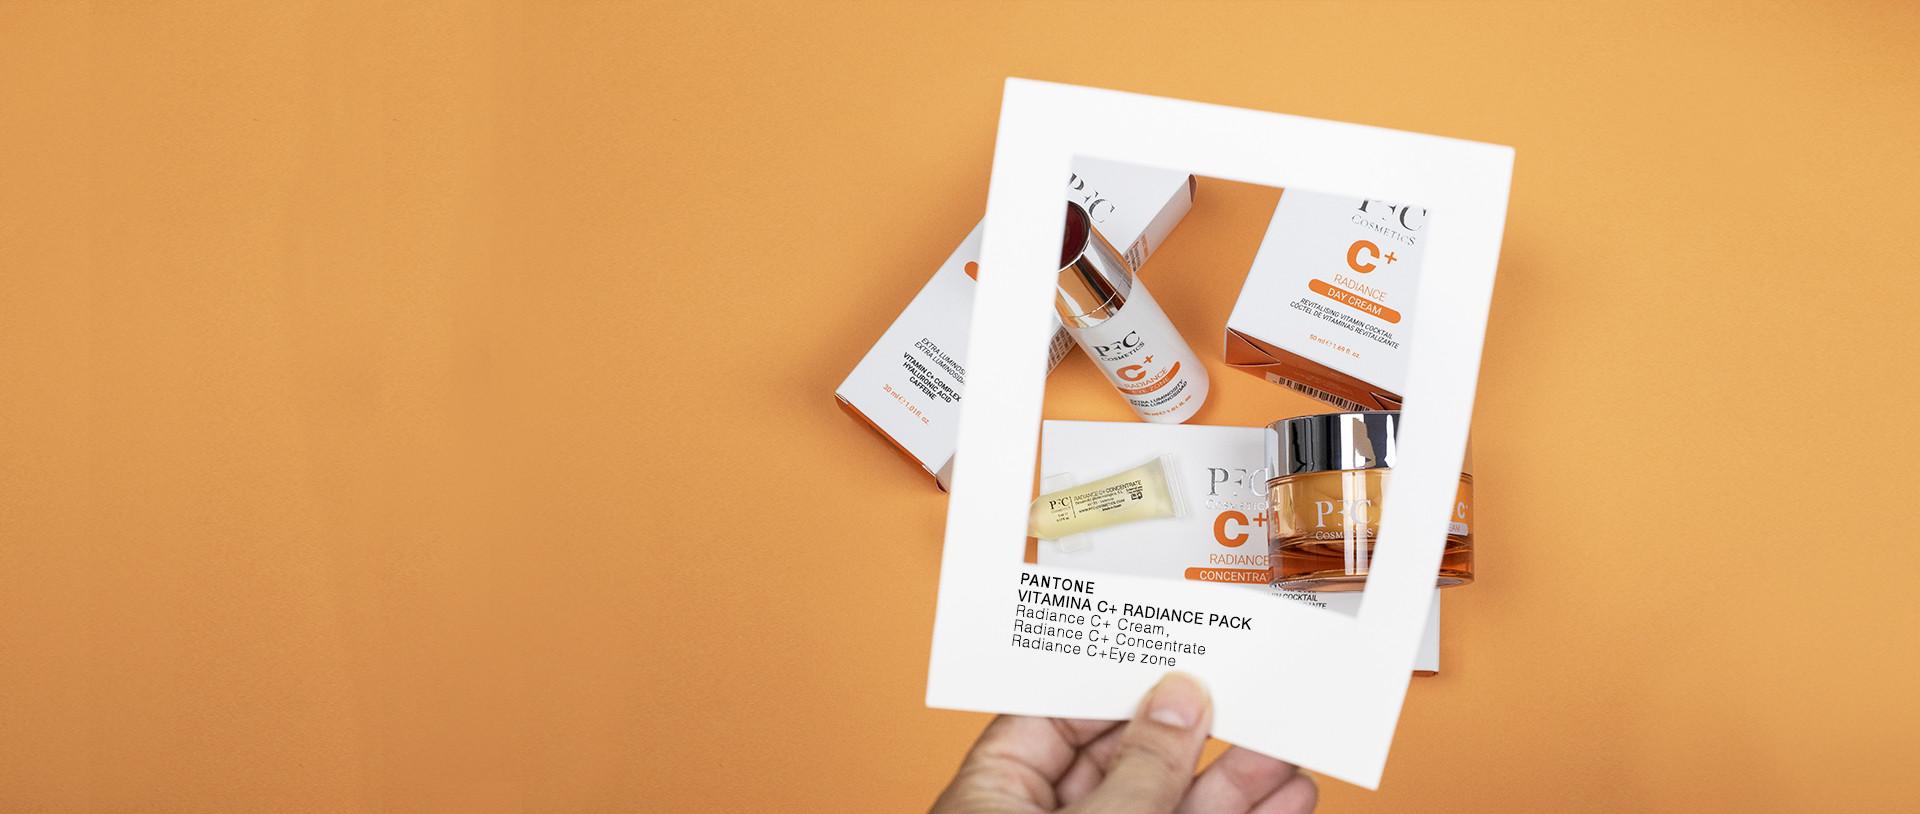 Vitamina C+ Radiance Pack